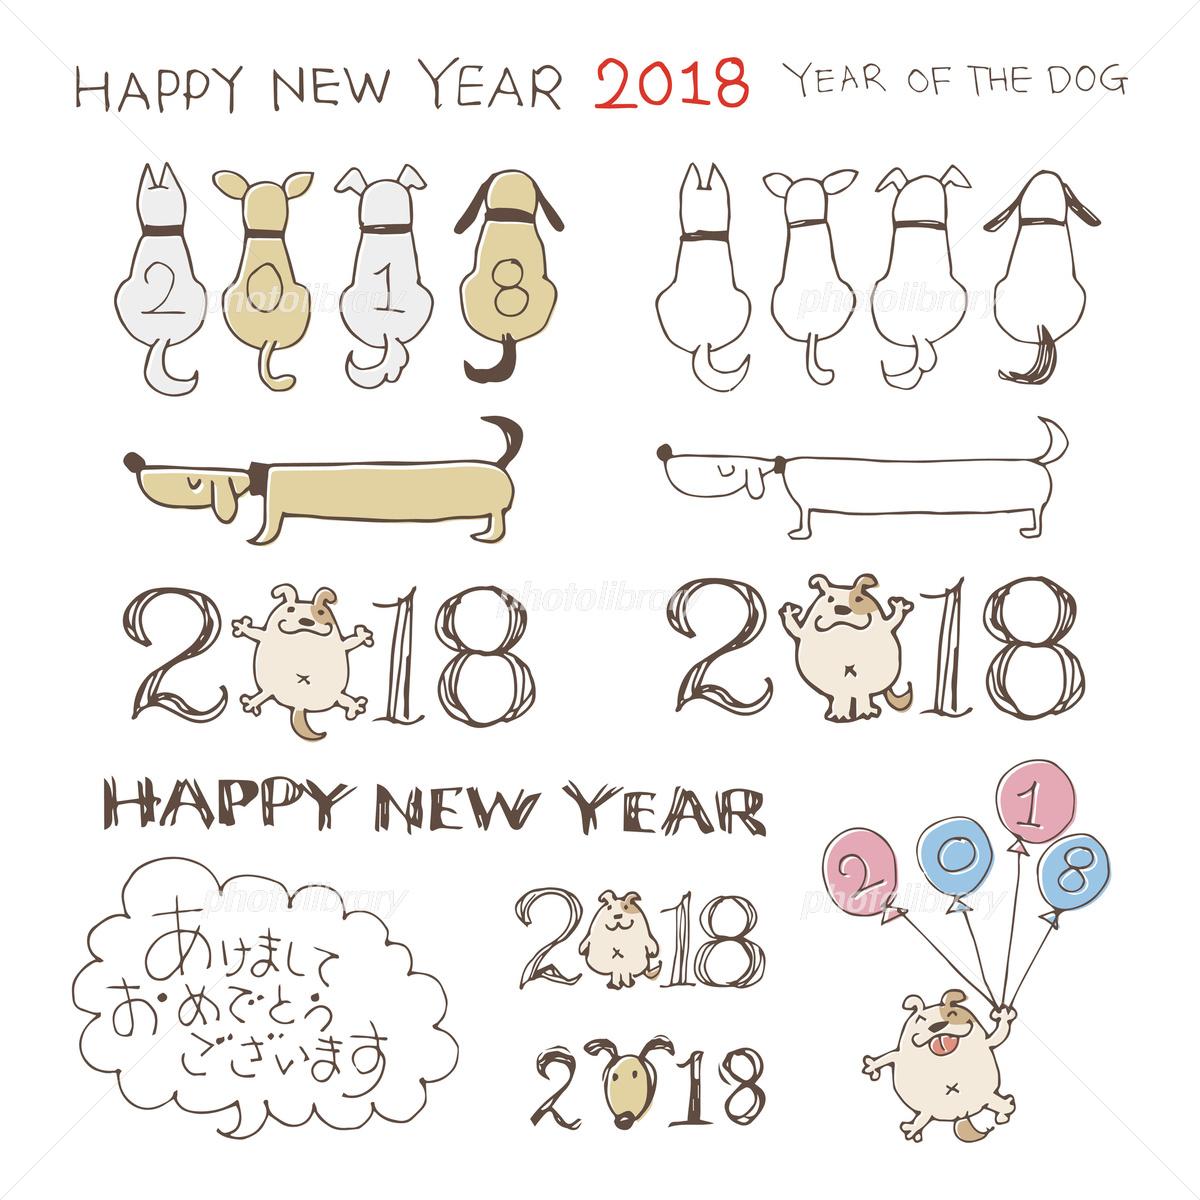 戌年 犬と年号(2018) 賀詞 年賀状イラスト素材 イラスト素材 [ 5249287